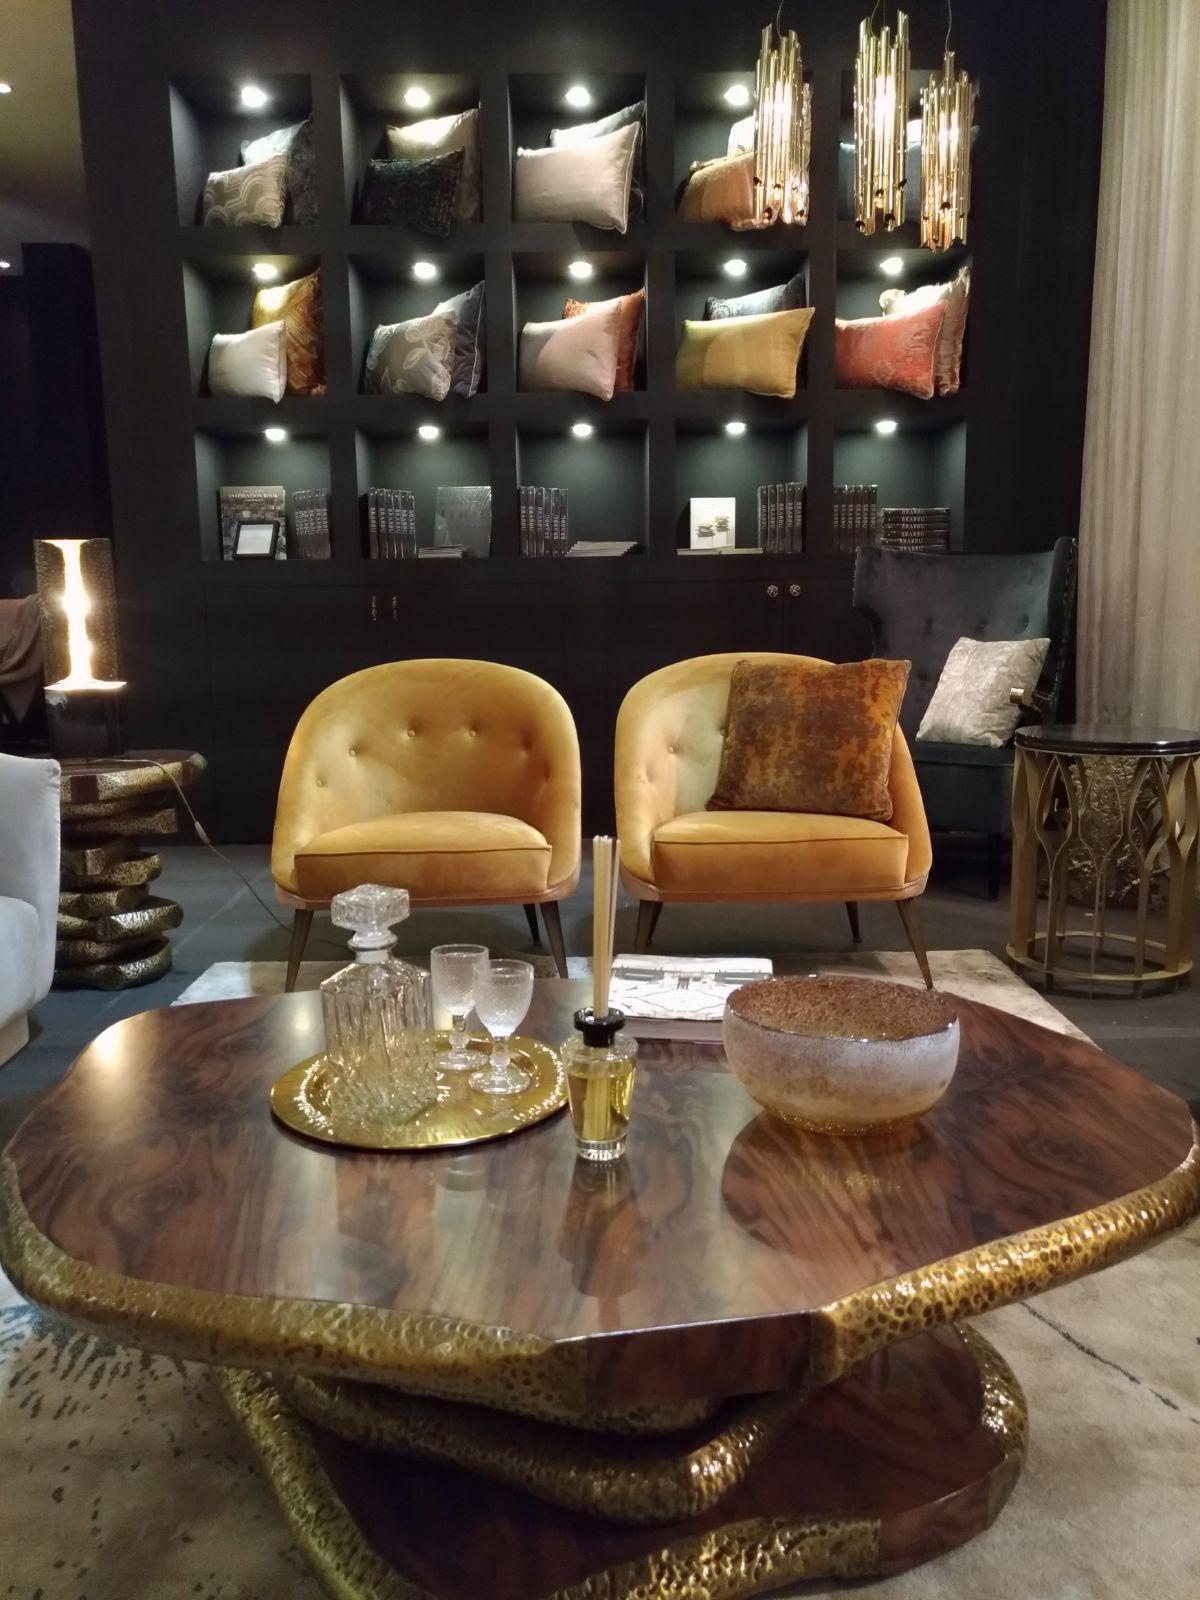 Salone del Mobile.Milano Moscow salone del mobile.milano moscow О выставке Salone del Mobile.Milano Moscow isaloni 2018 9